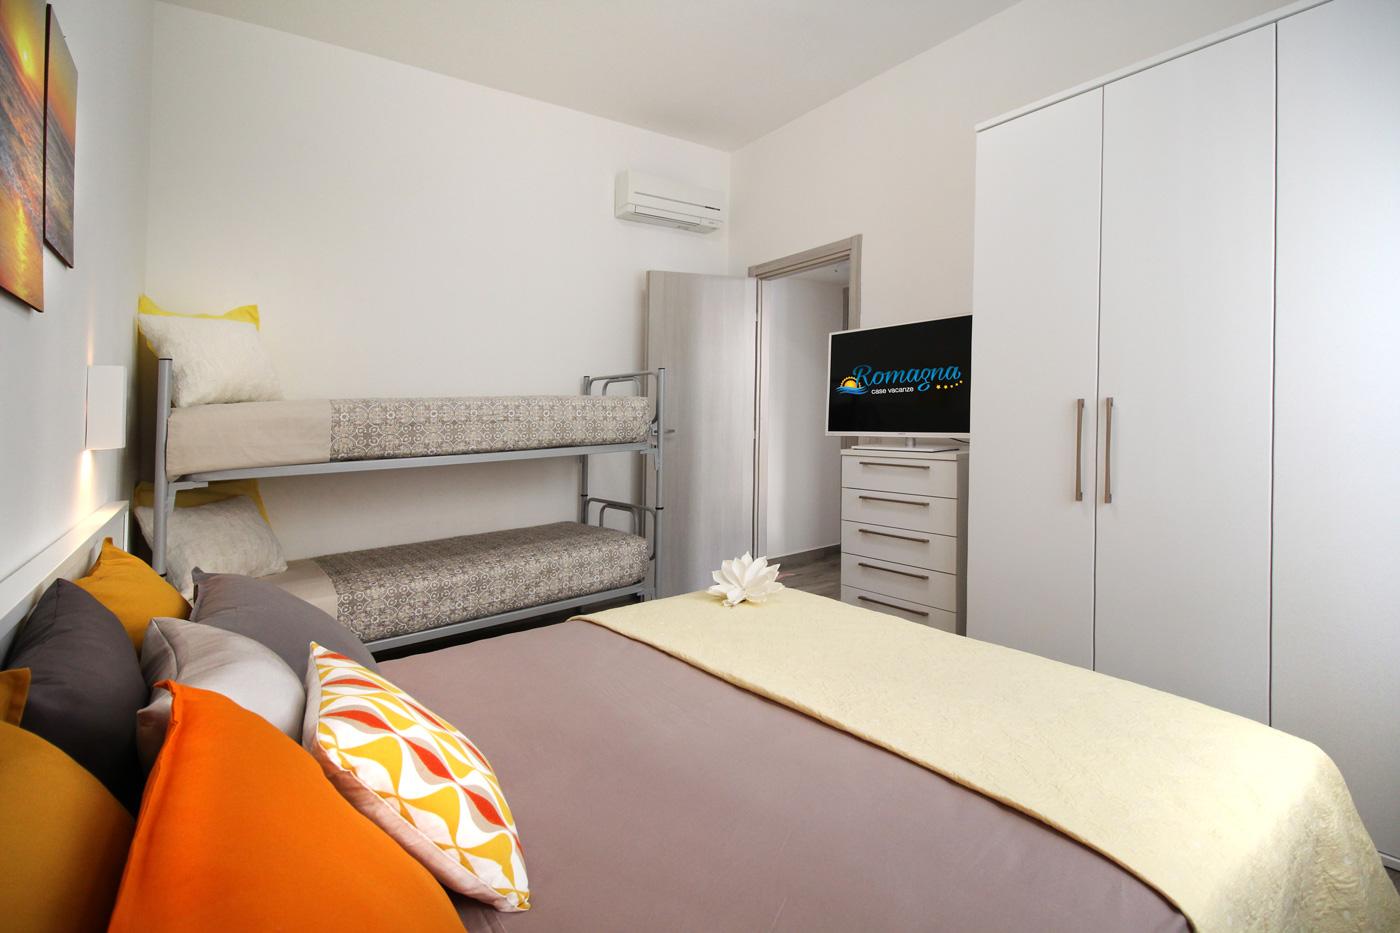 Appartamento thomas romagna case vacanze san mauro mare gatteo mare_8968